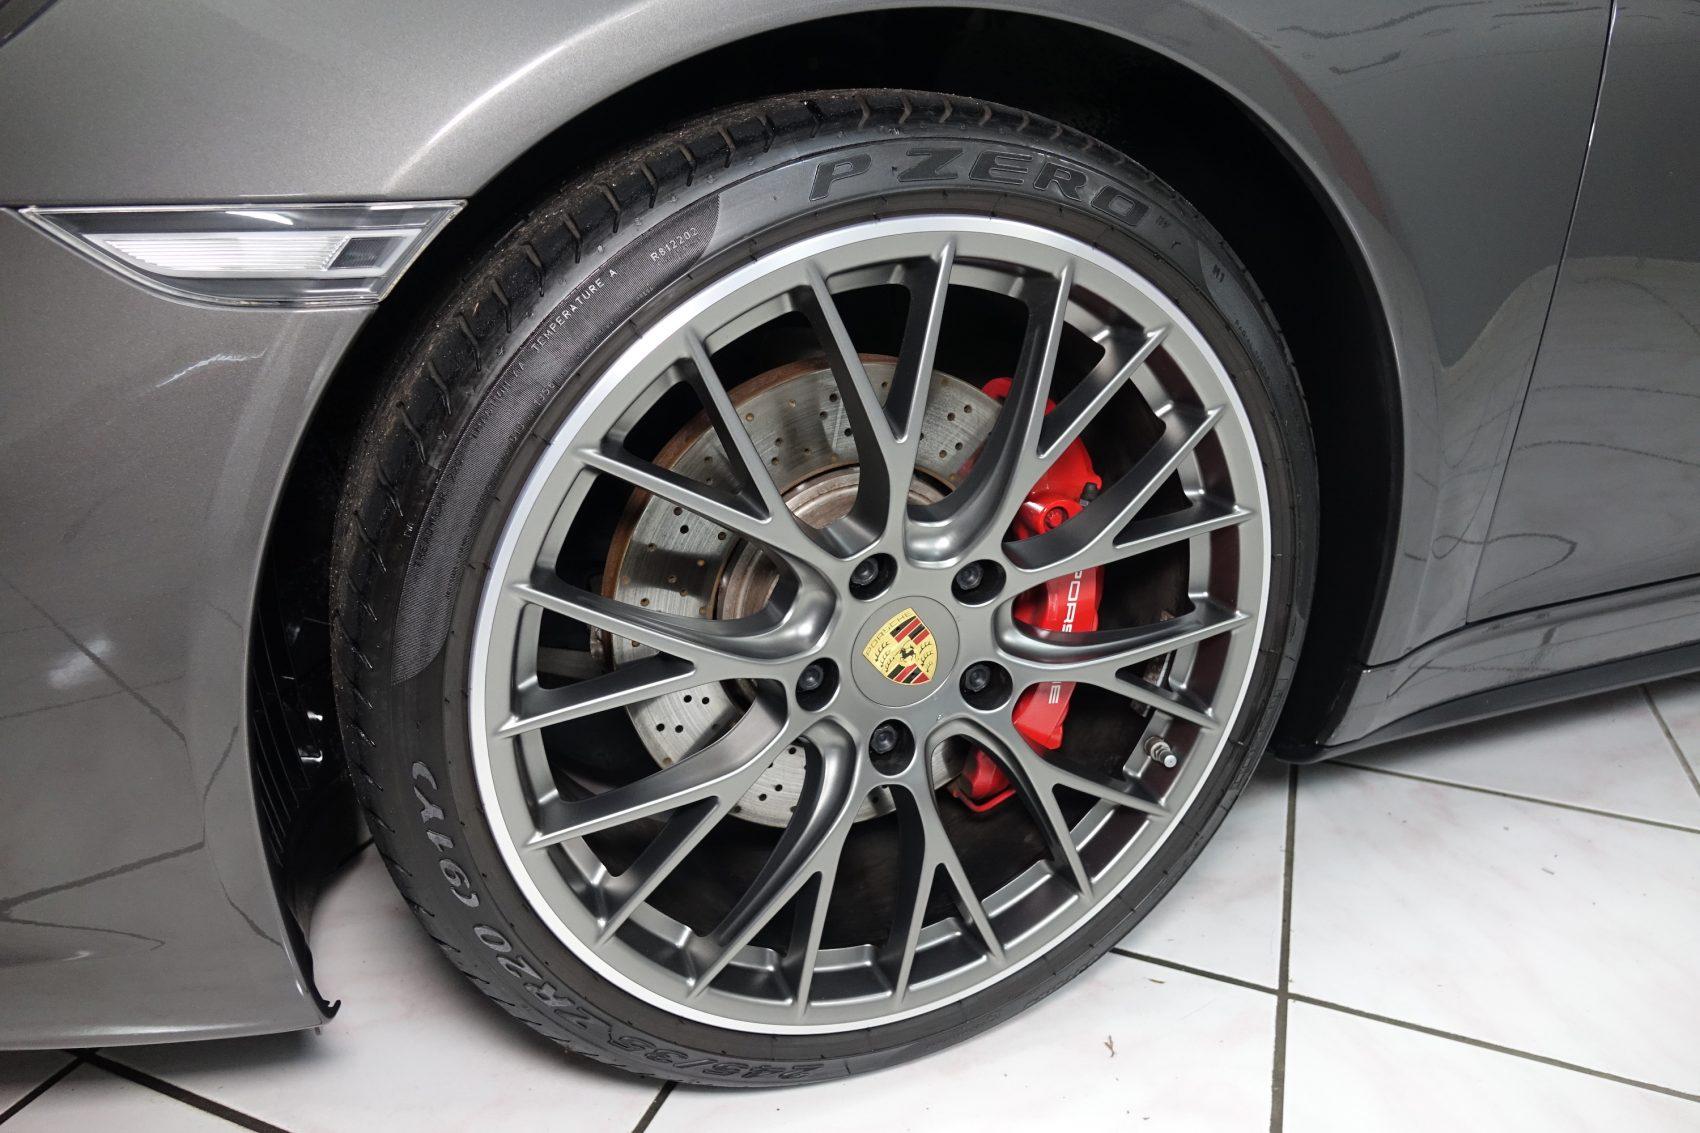 PORSCHE - 911 (991) CARRERA 4S CABRIOLET - Assetto Corsa